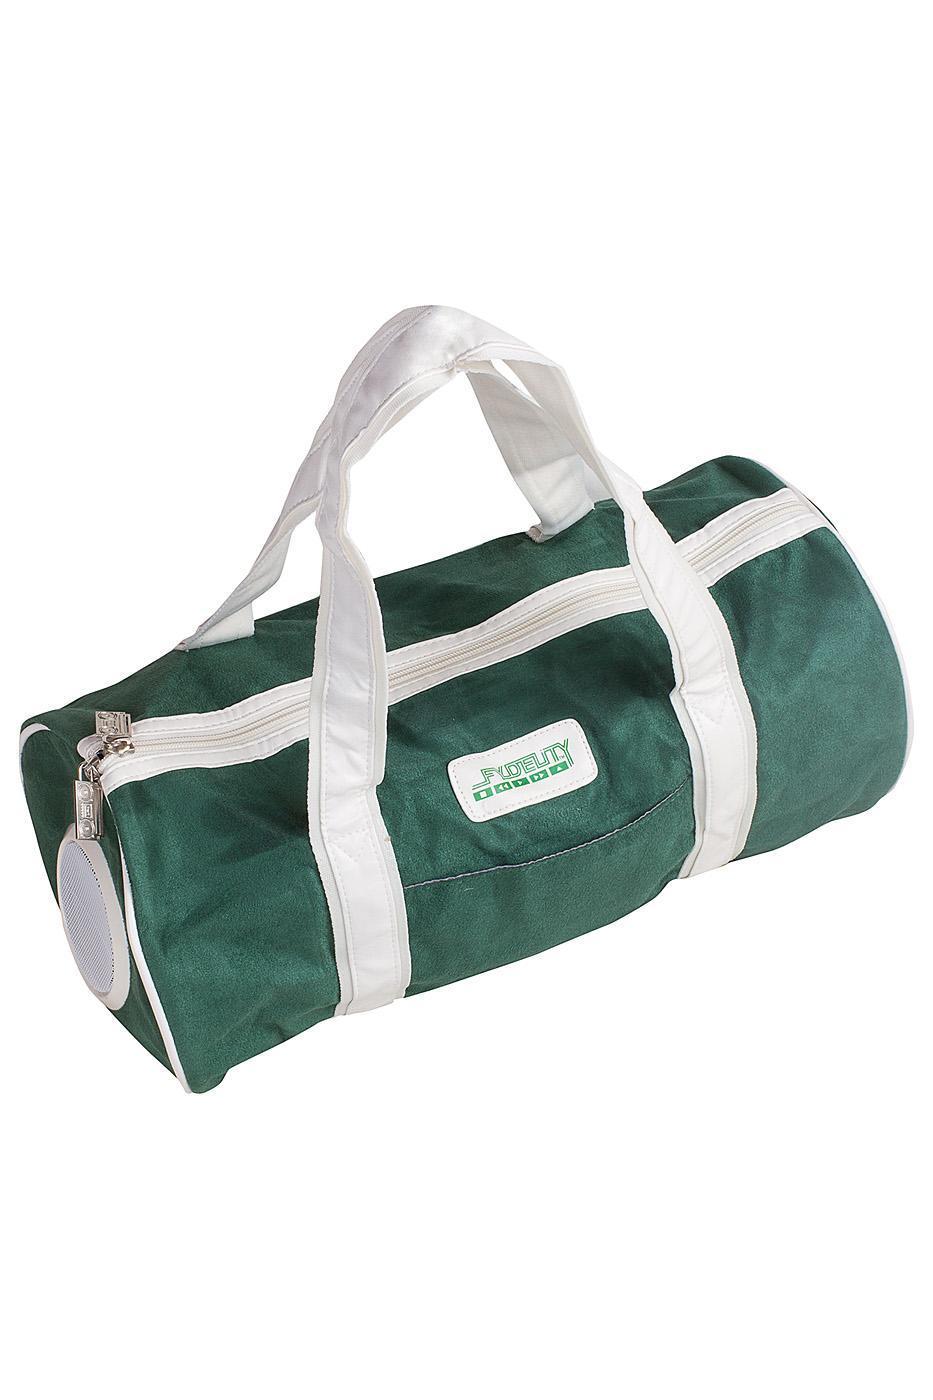 Сумка спортивная FYDELITY MANIAC, 16л, цвет: зеленый93515Приятные особенности сумки для спорт зала Fydelity MANIAC: эта модель отлично подойдет как для использования в спортзале, так и для активного отдыха на природе и походов. Оригинальные сумки и рюкзаки Fydelity пользуются большой популярностью во всем мире. Иметь в своем арсенале такой аксессуар – долг каждого модника!